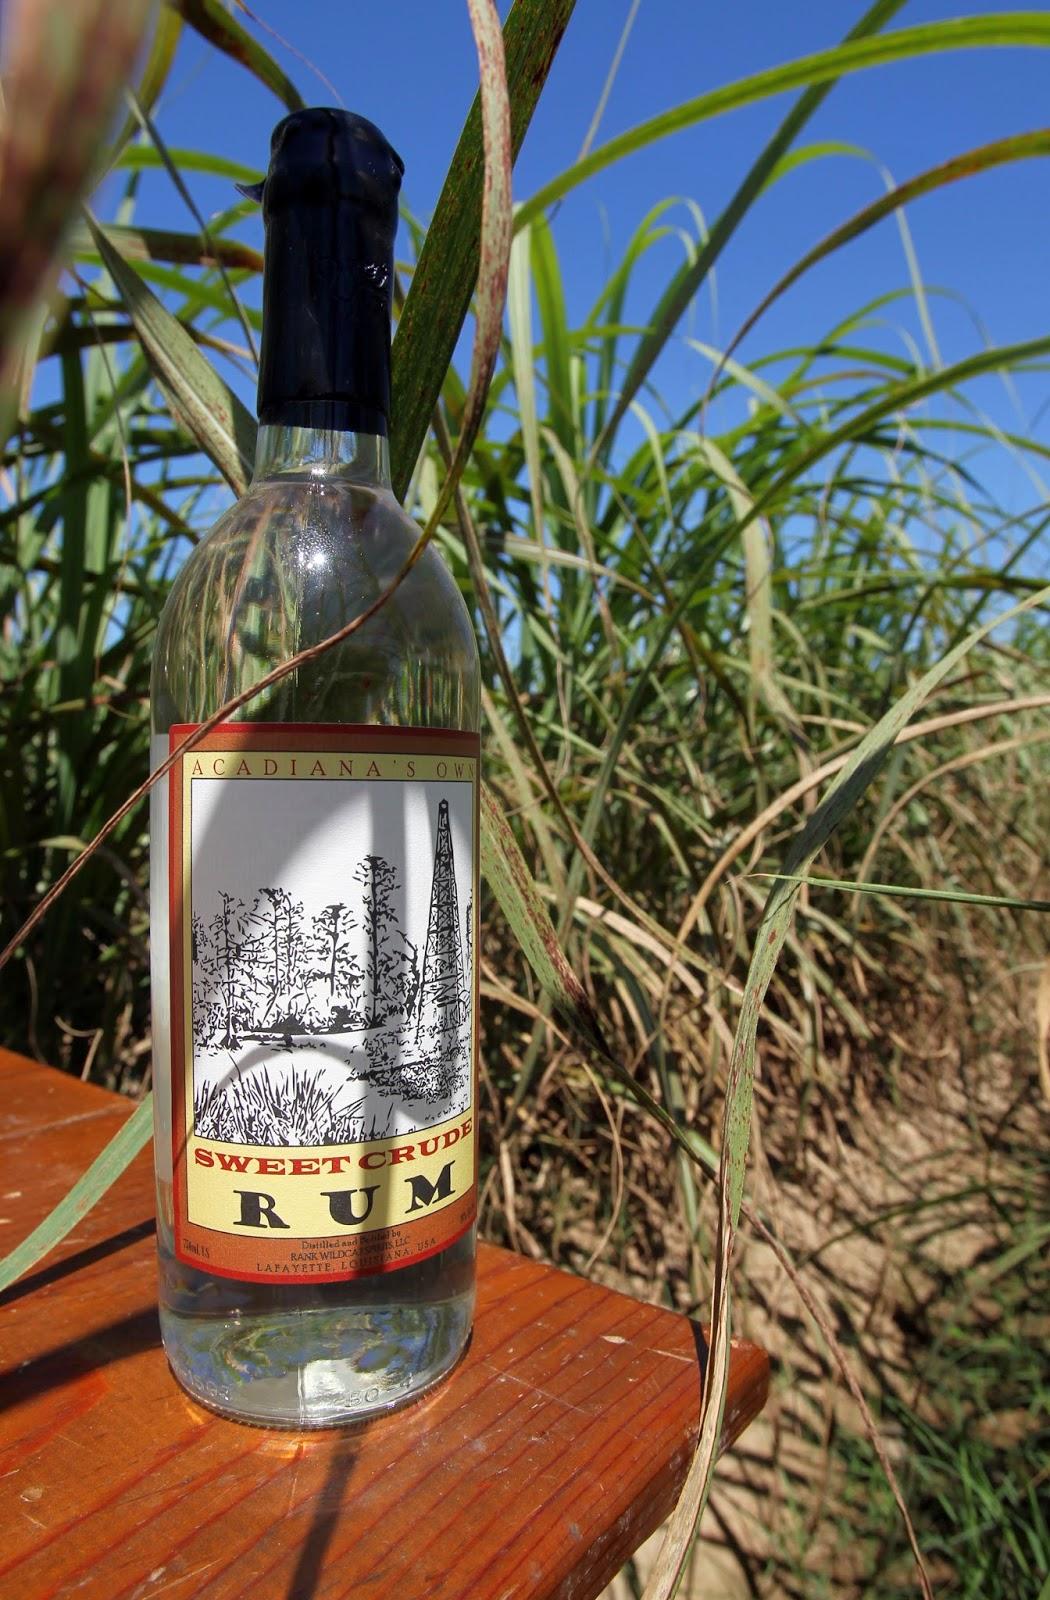 Sweet Crude Rum